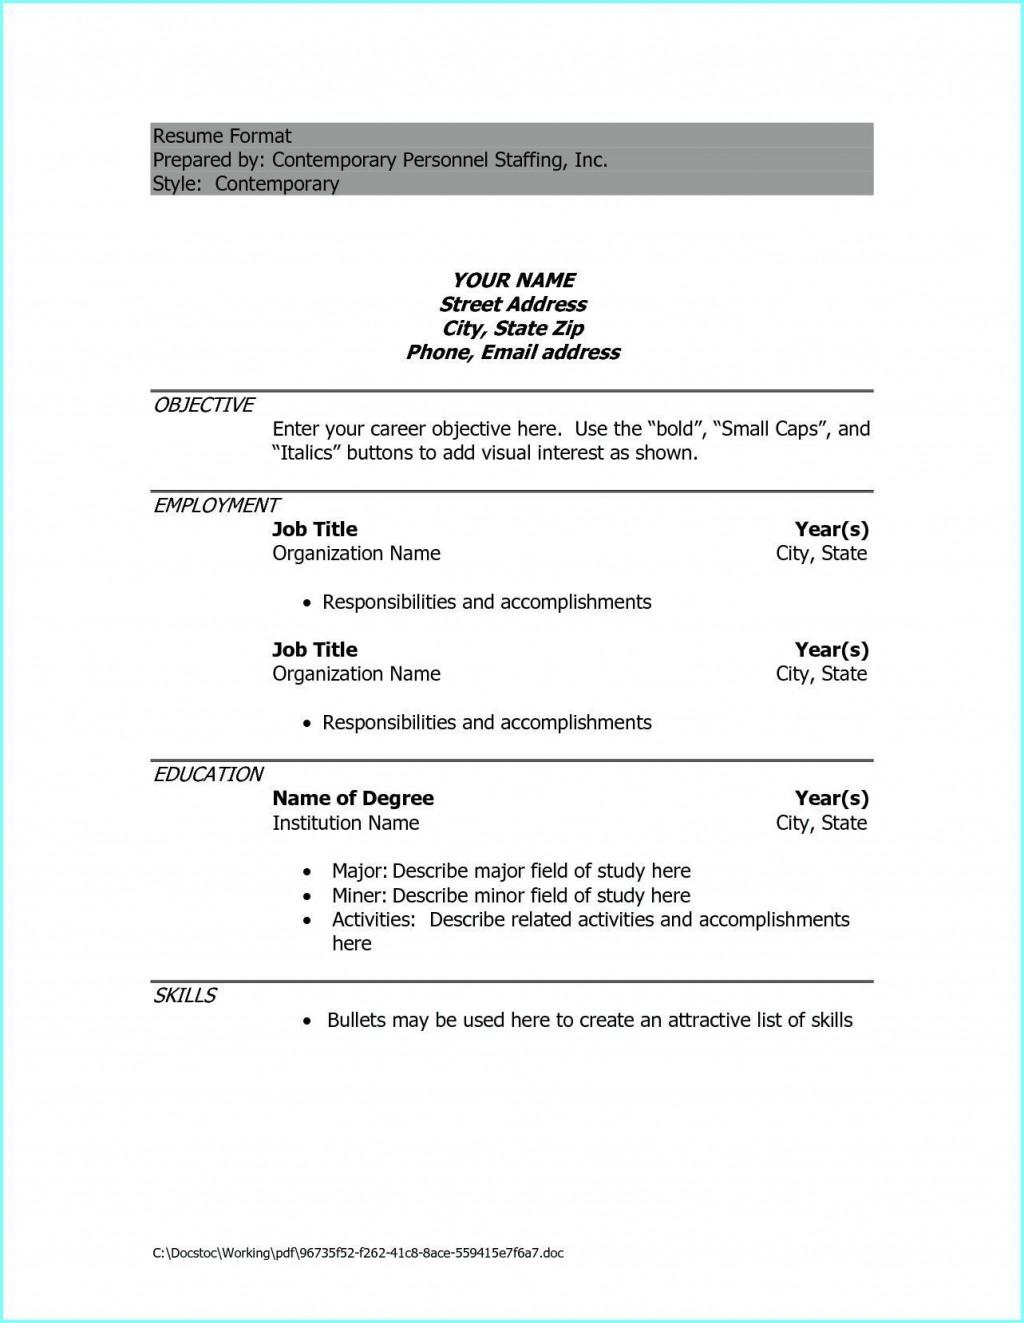 009 Phenomenal Resume Example Pdf Free Download Large